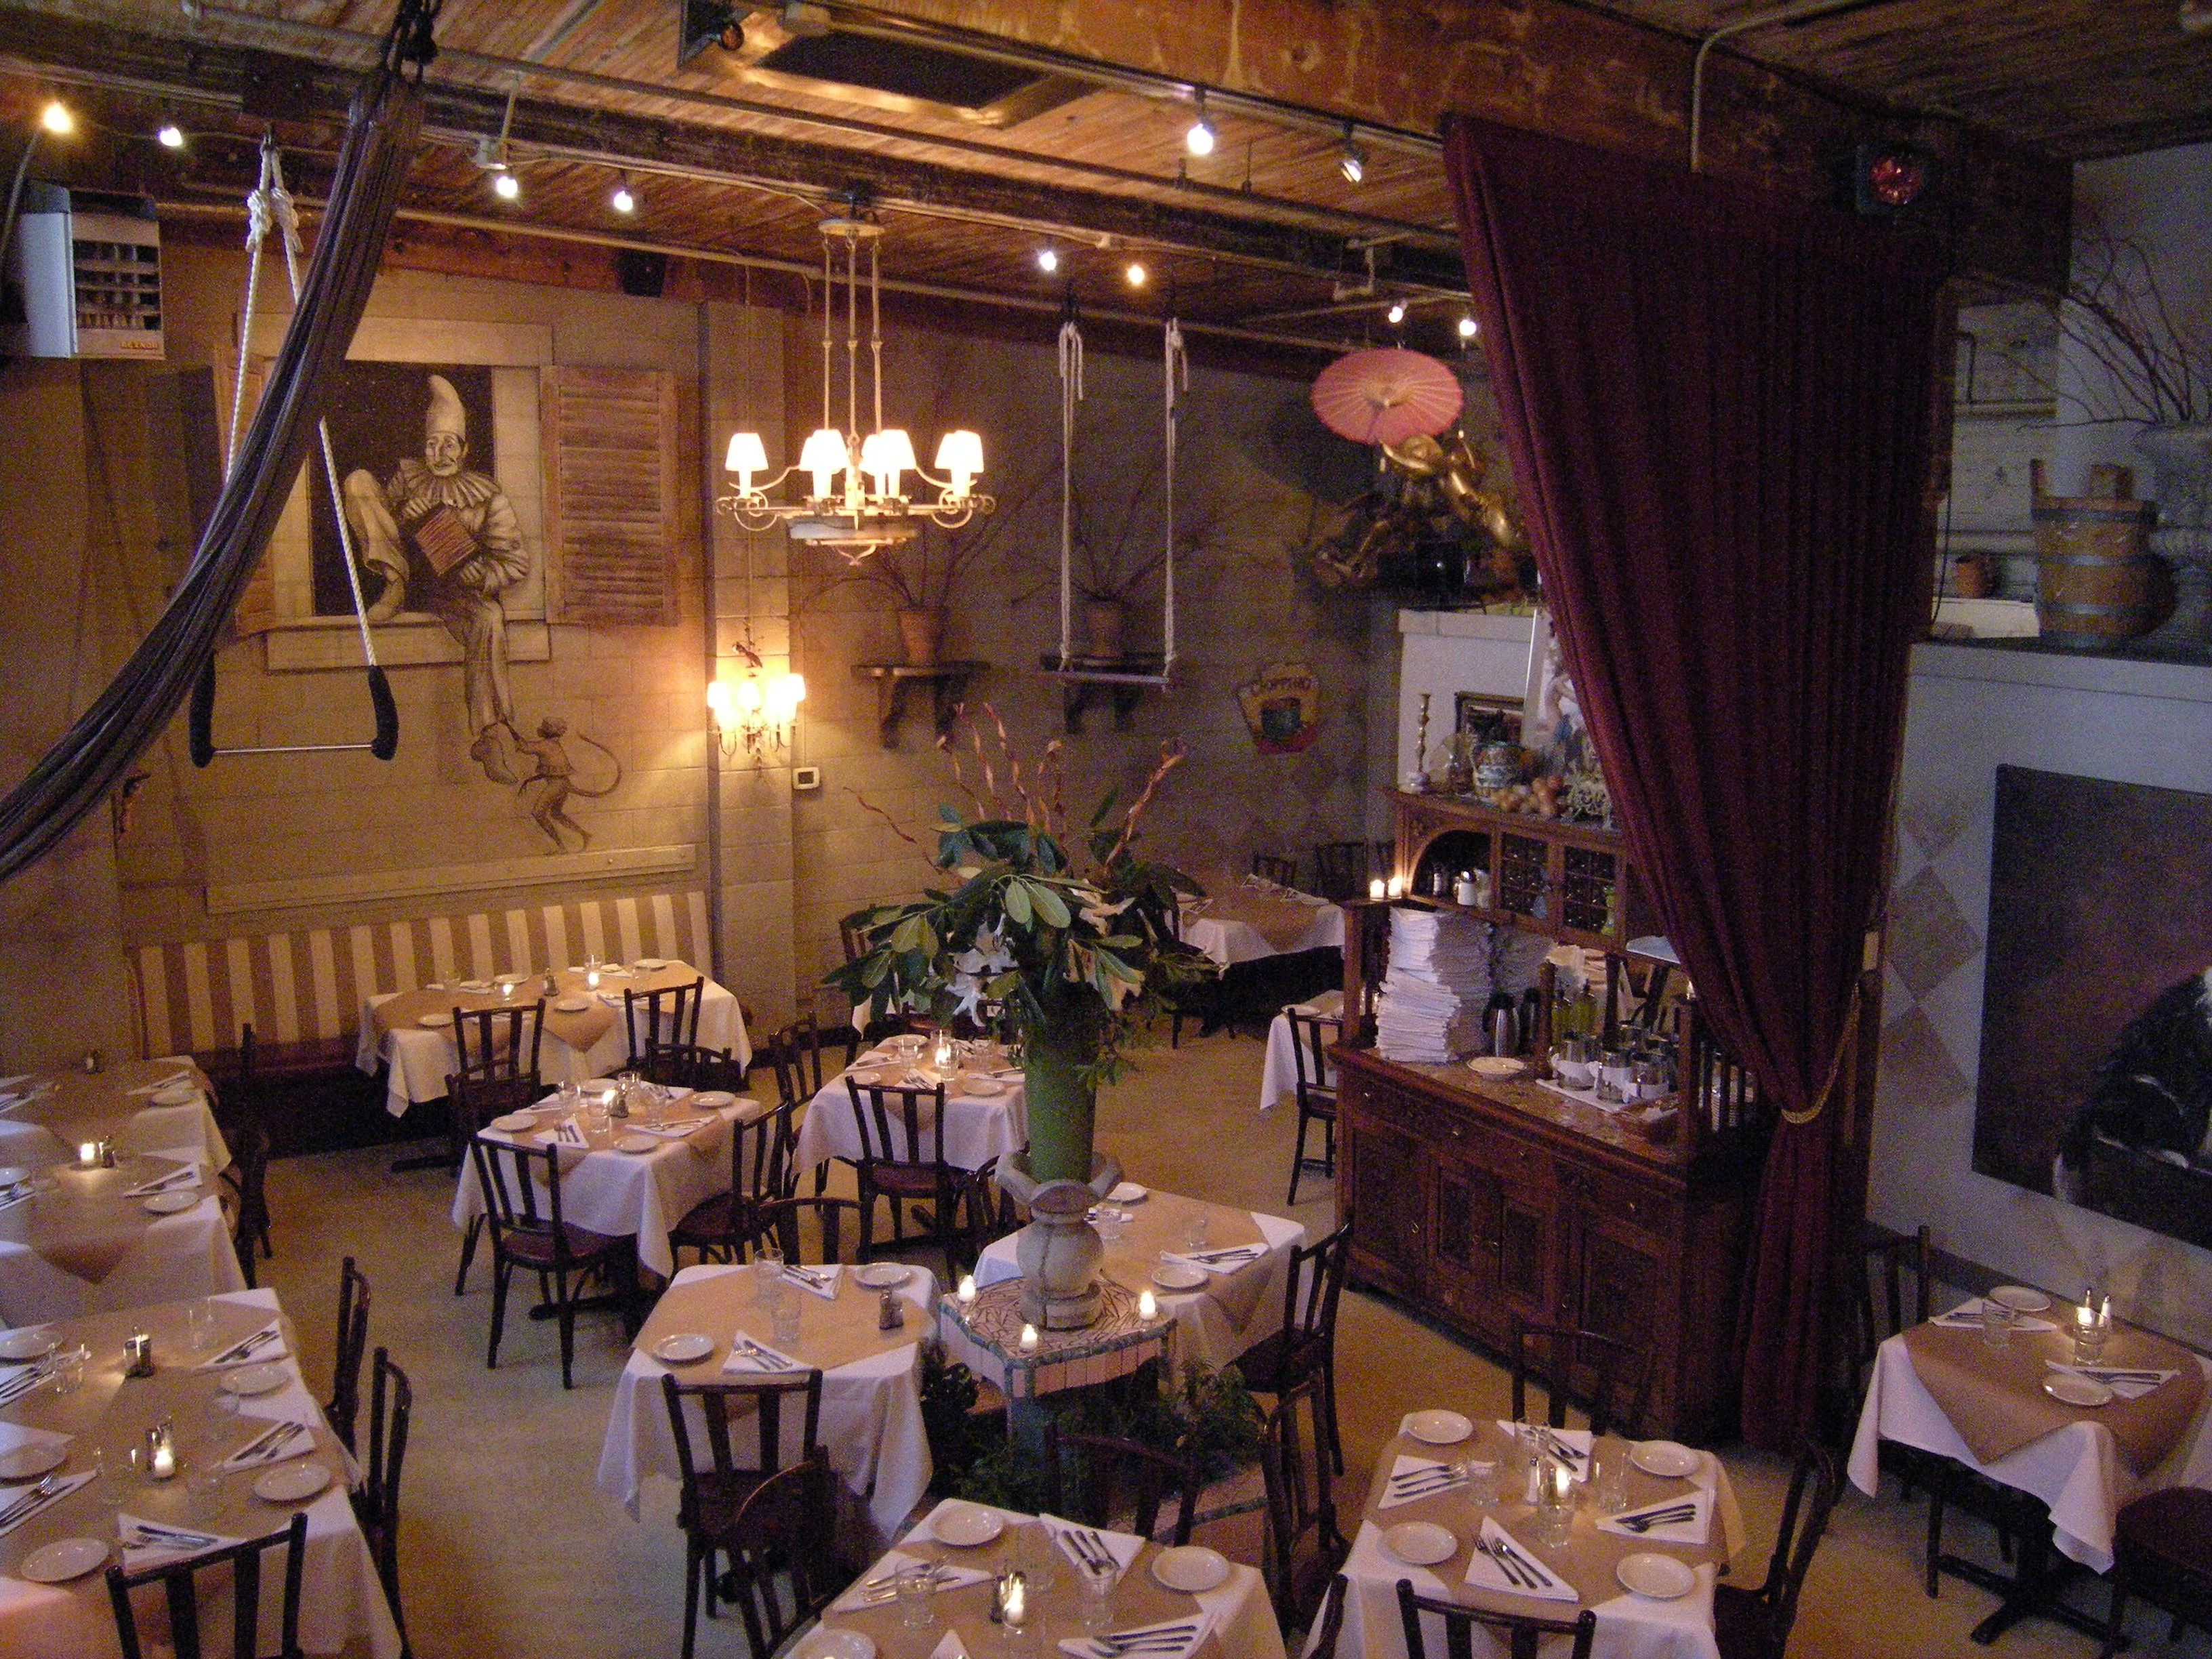 Ordinaire The Pink Door. One Of My Favorite Restaurants In Seattle!